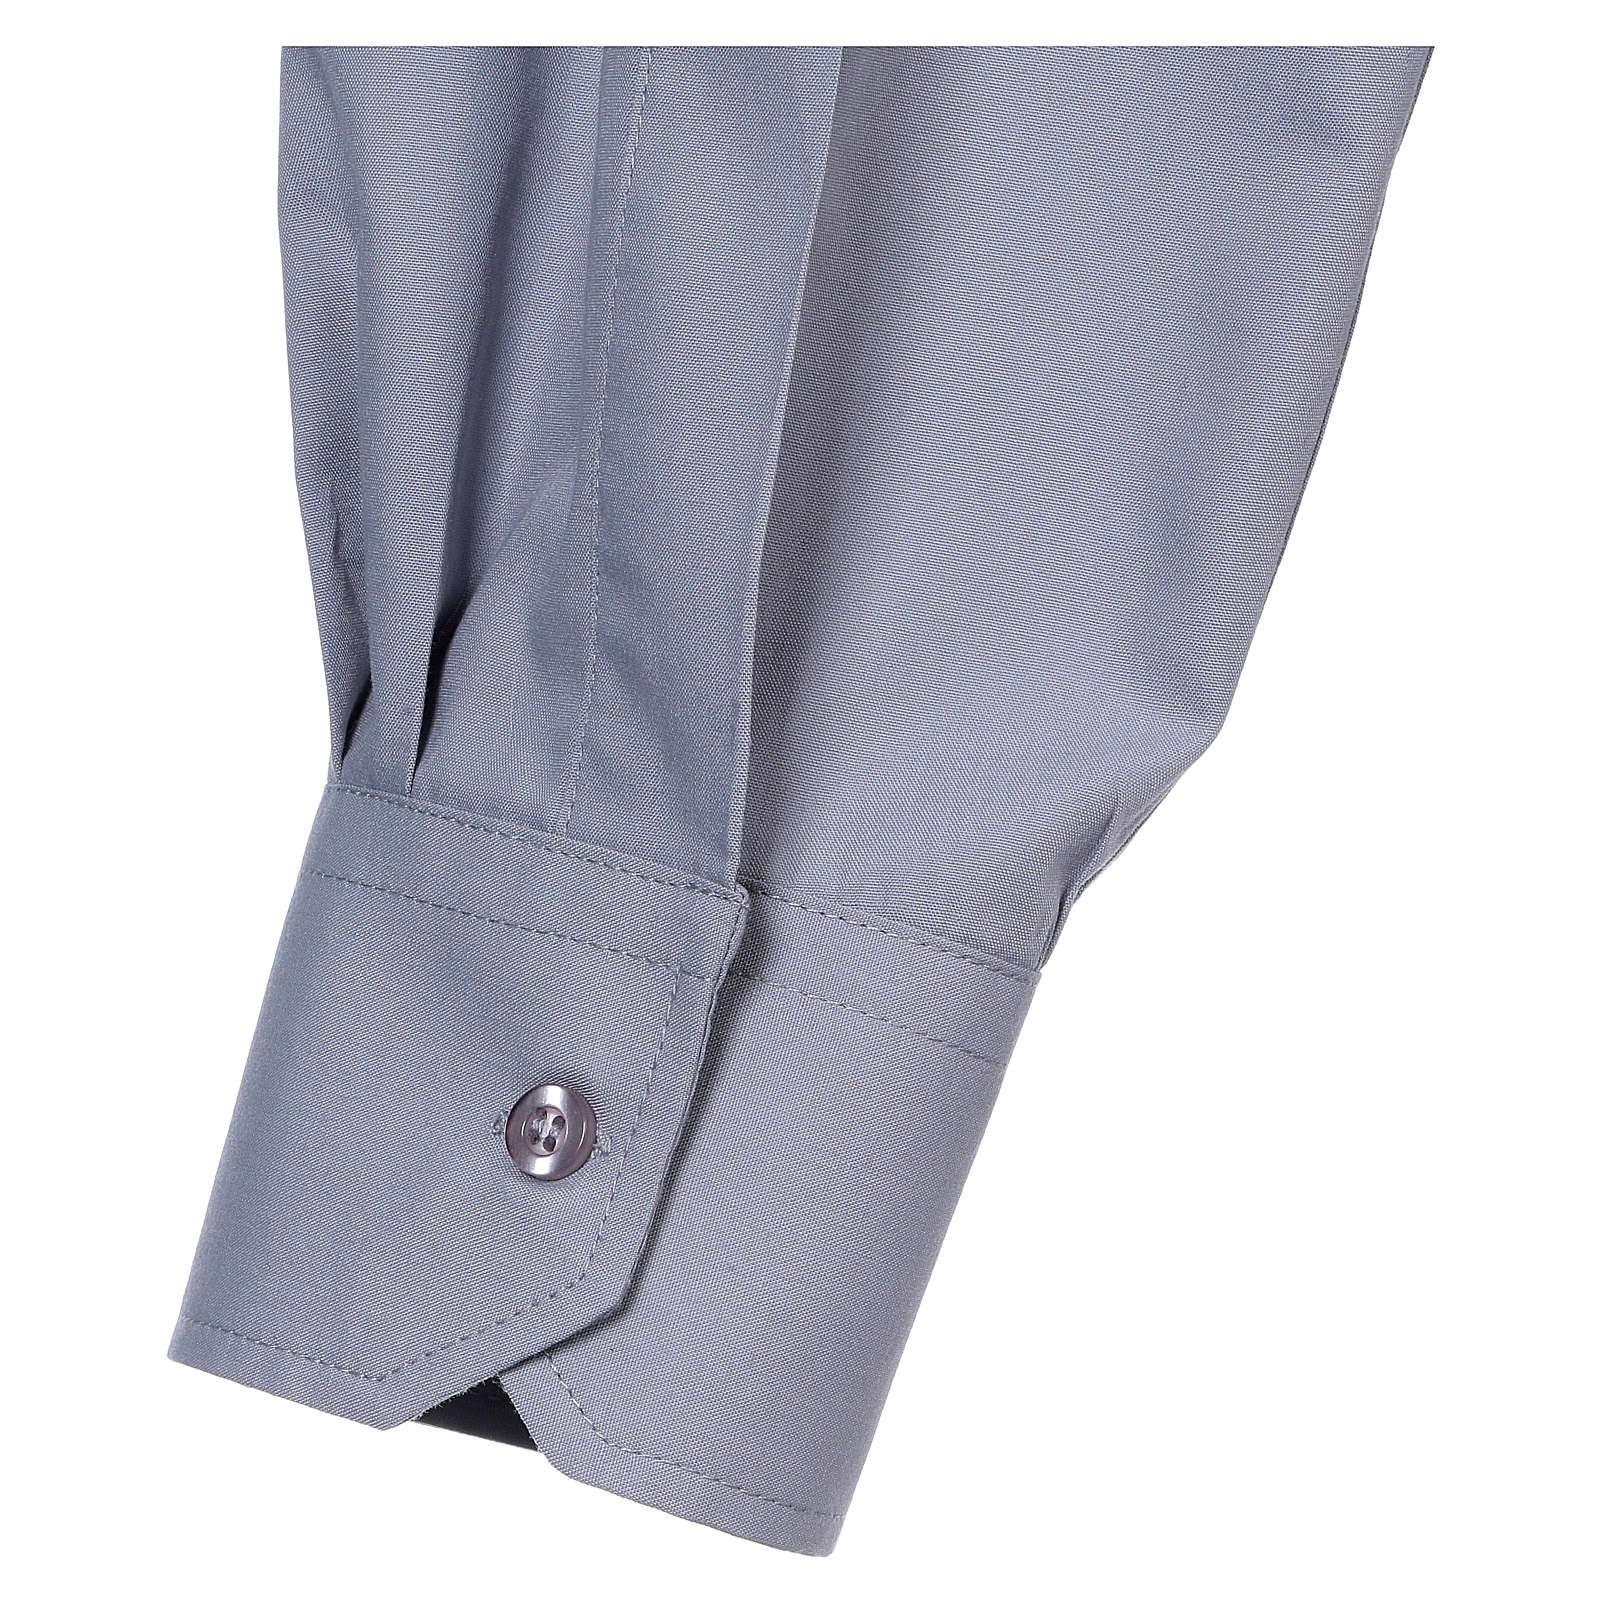 Koszula dla księdza długi rękaw jasny szary mieszana bawełna In Primis 4